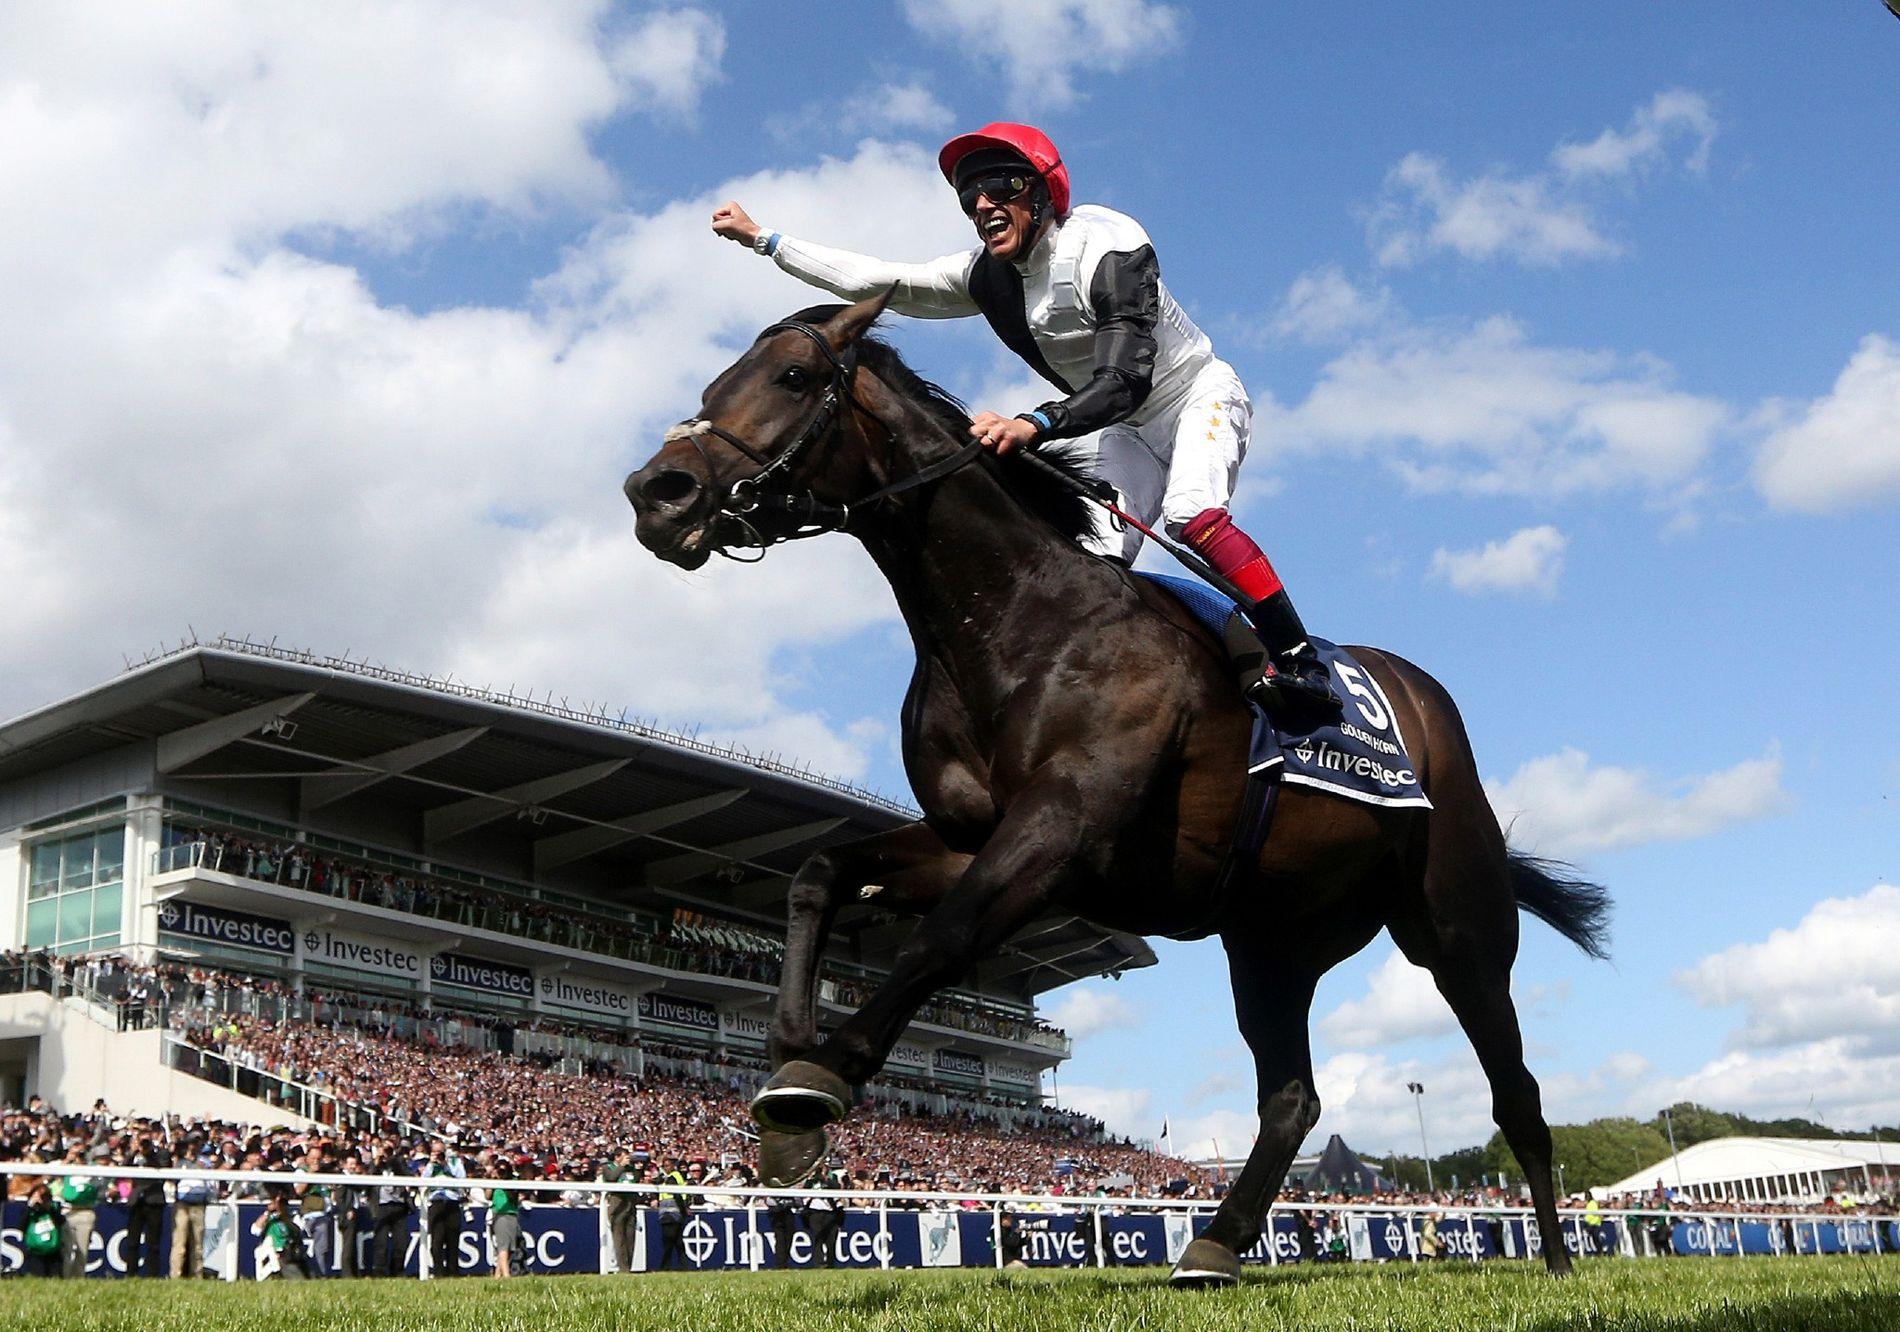 1_racehorses